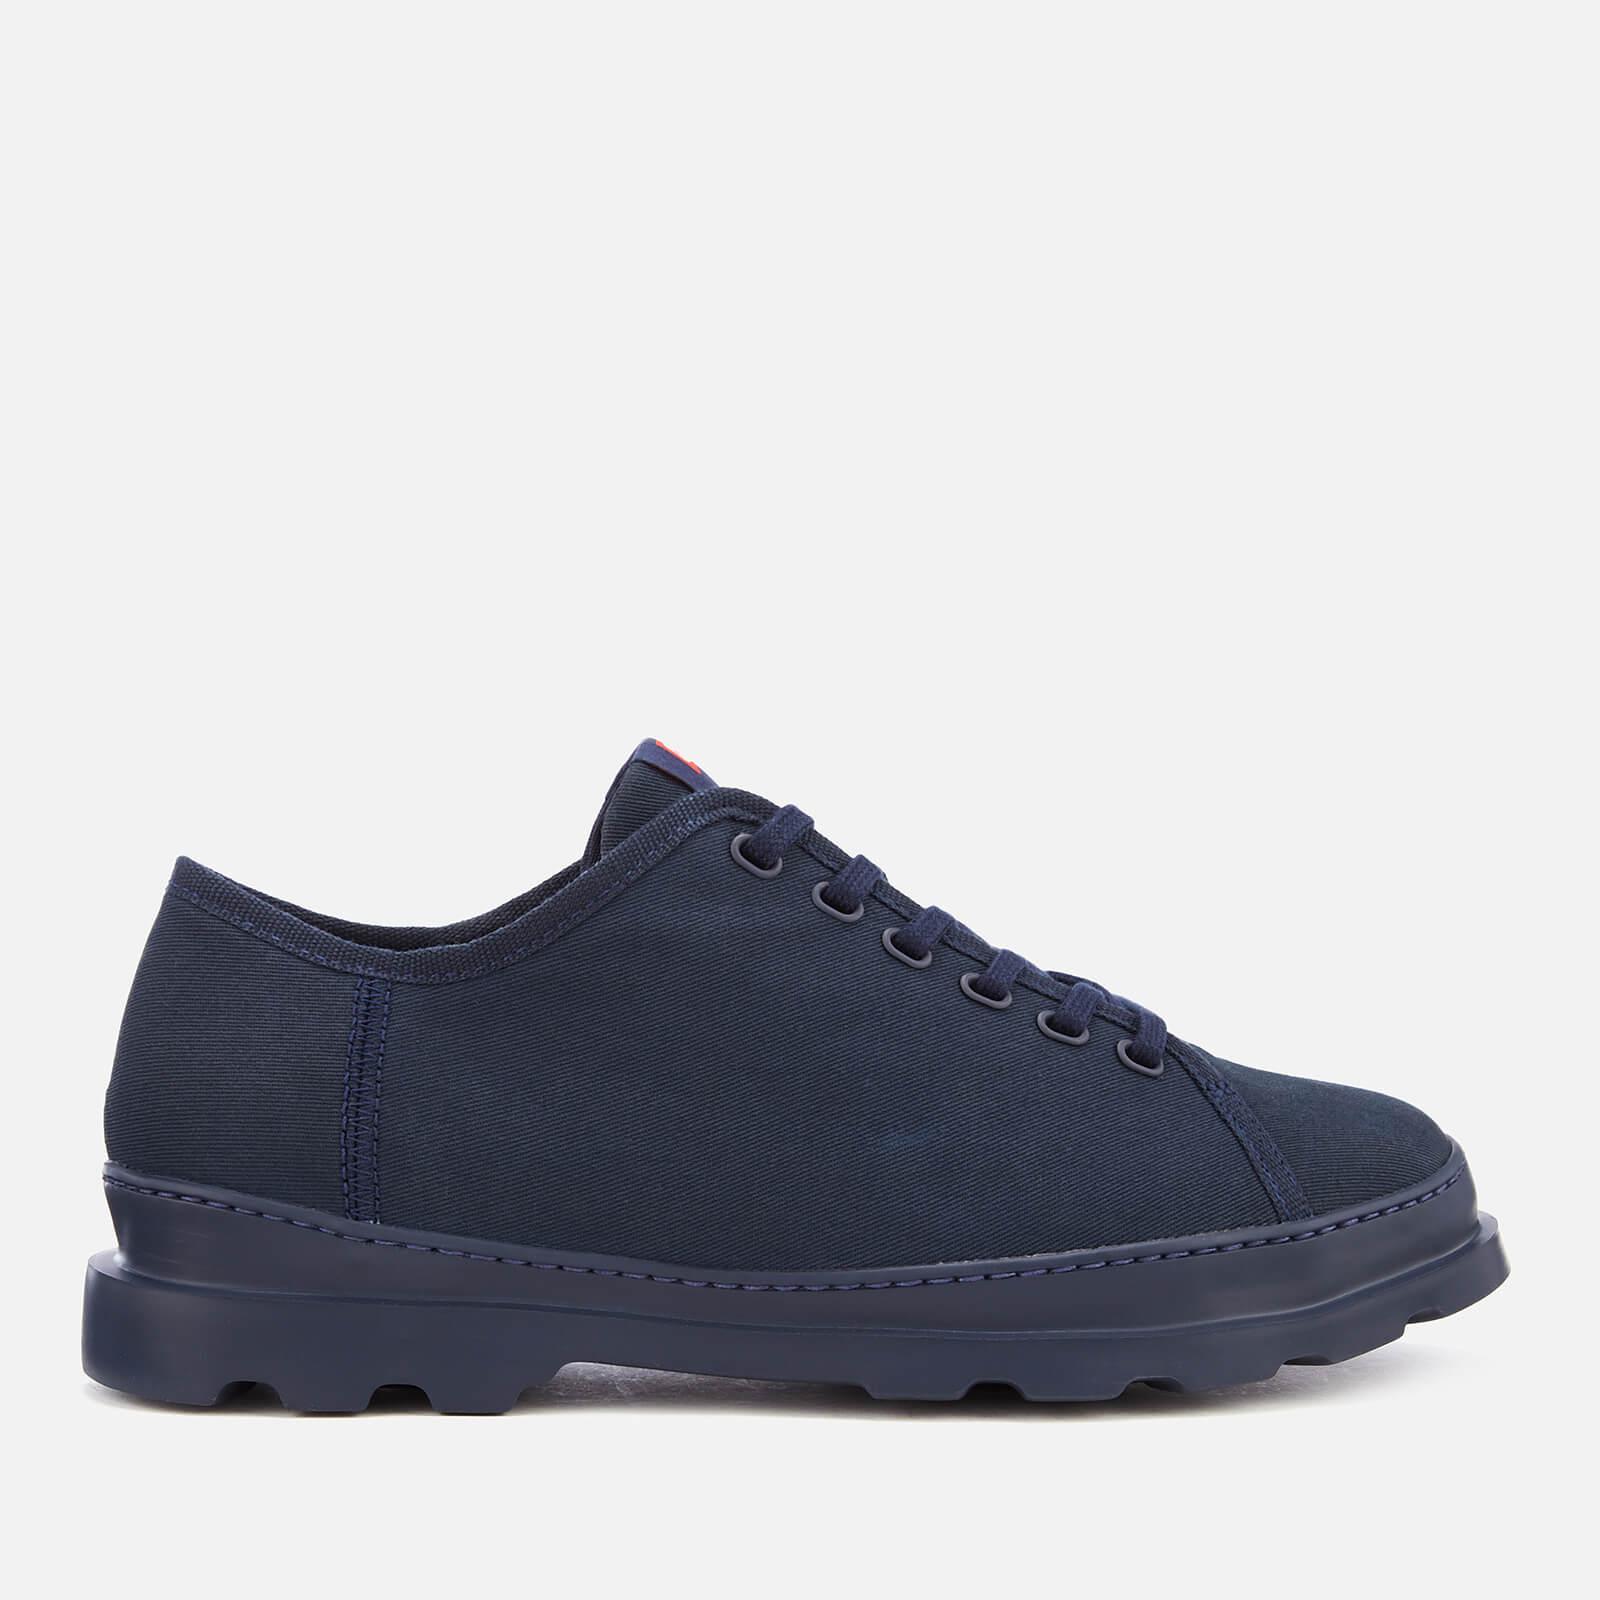 Camper Men's Brutus Canvas Shoes - Navy - UK 11 - Blue